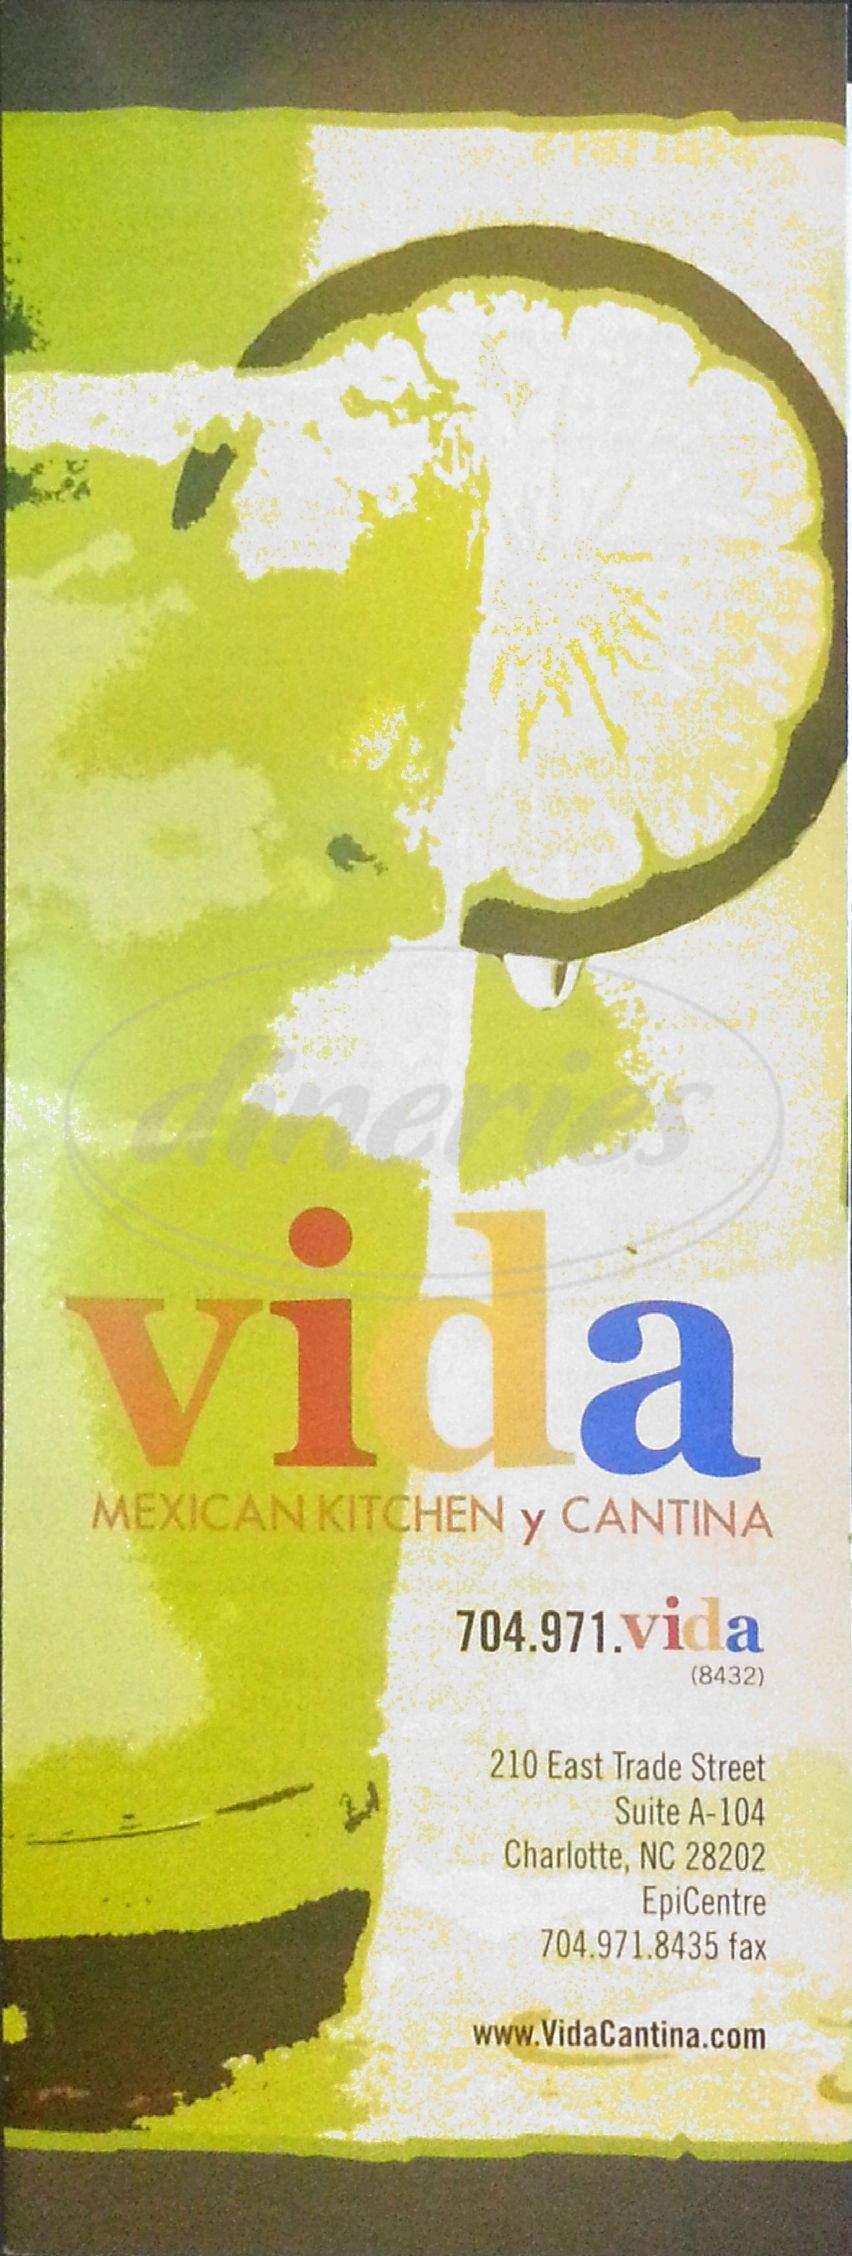 menu for Vida